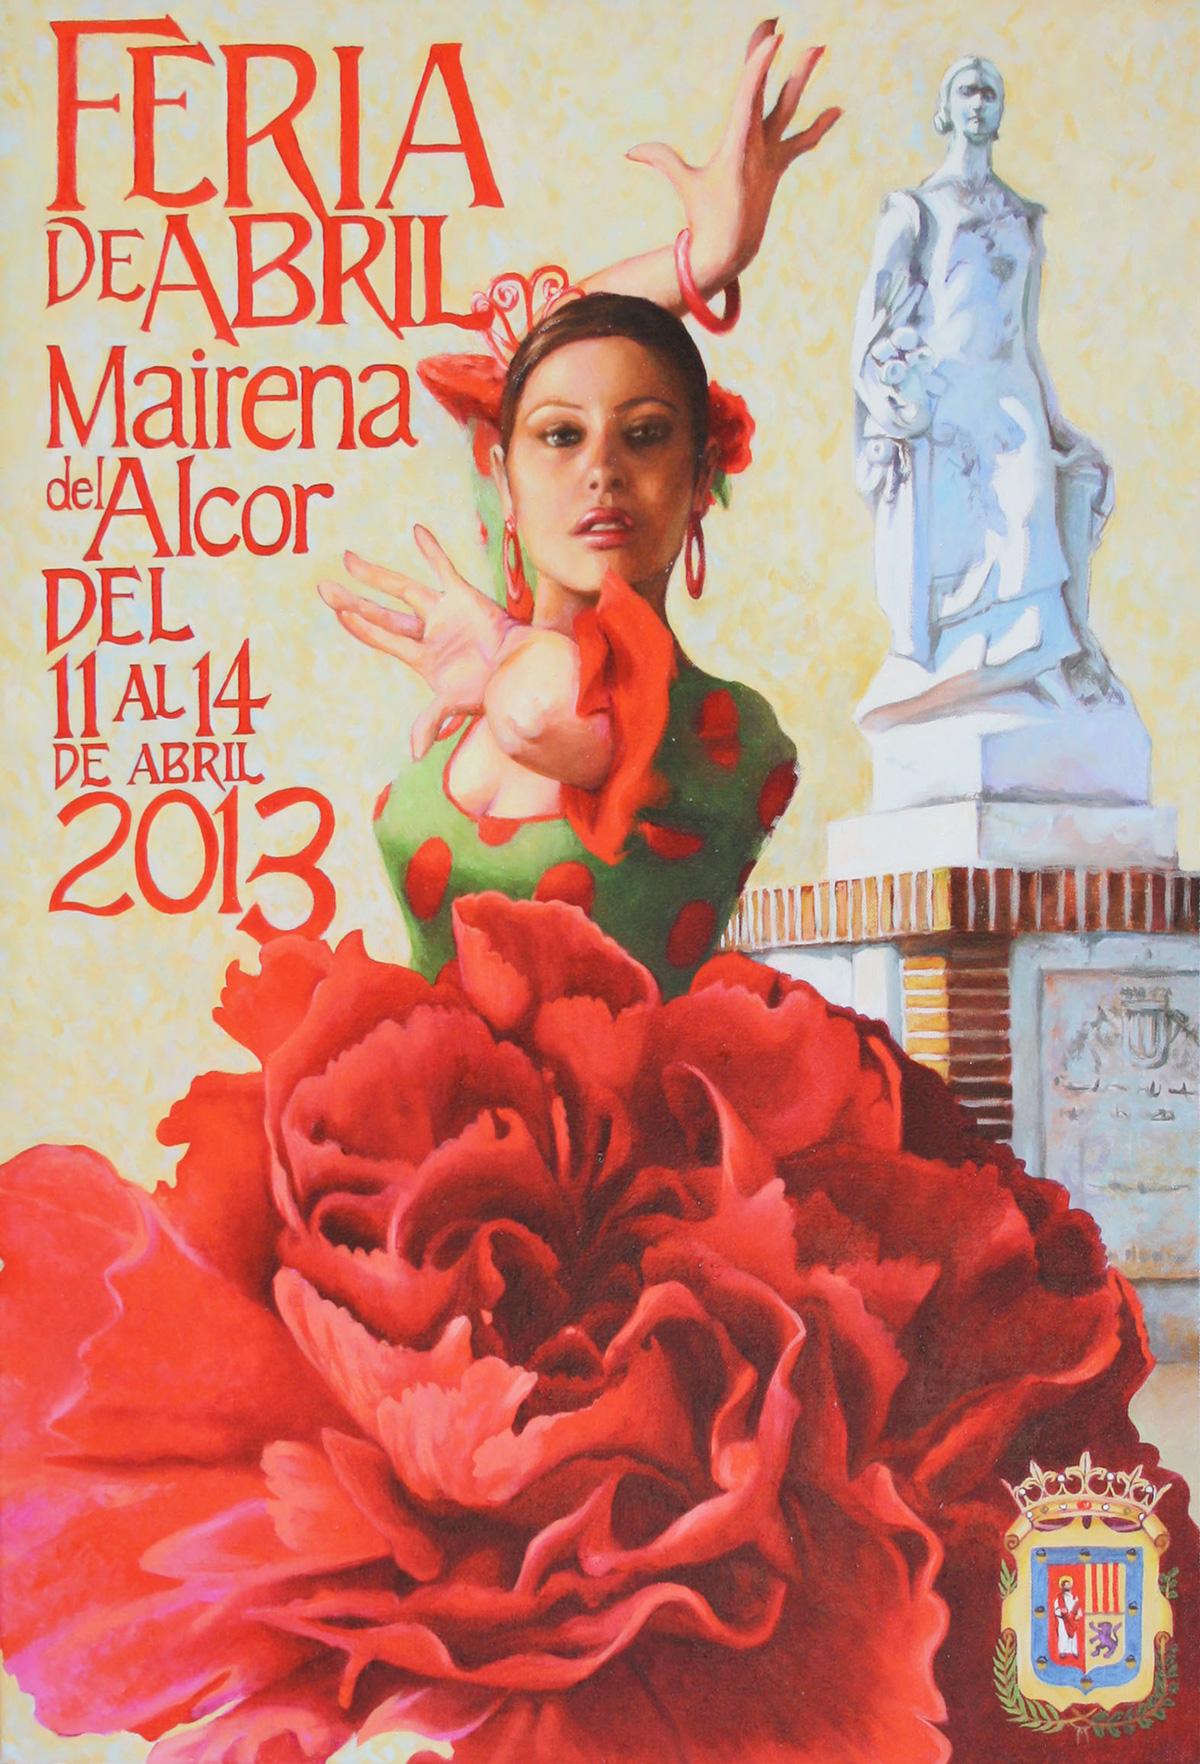 Cartel de La Feria de Mairena del Alcor 2013, obra de Chema Hedrera.